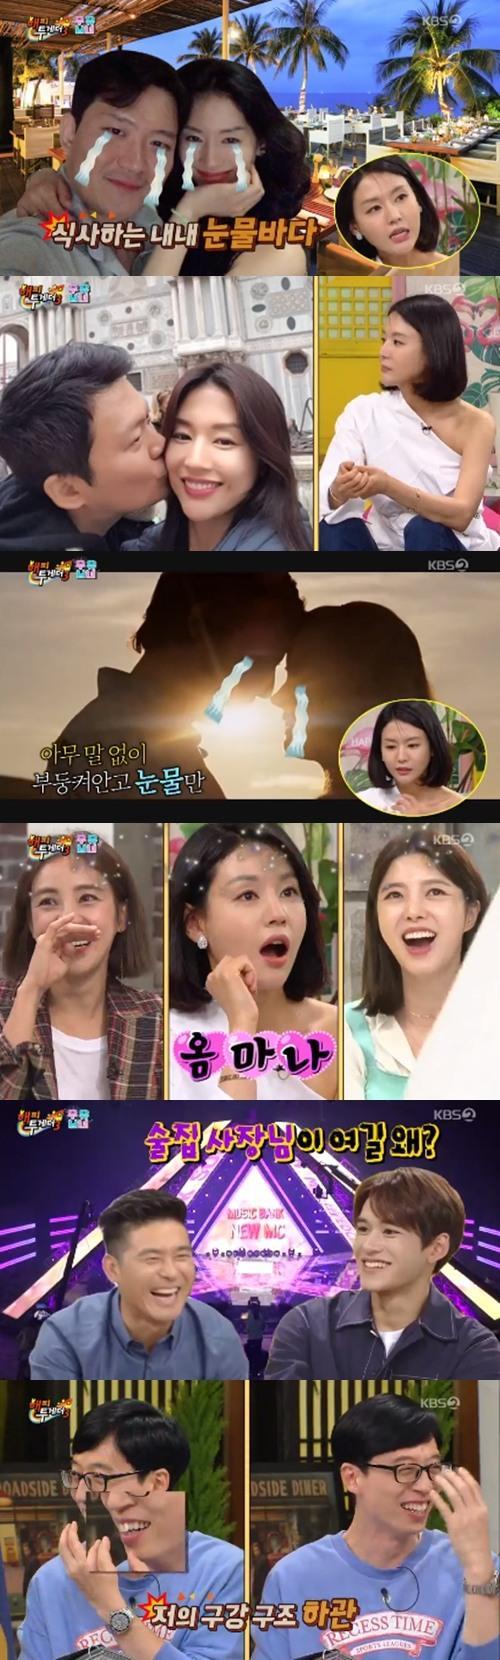 '해투3' 신혼 서유정, 2개월 연애